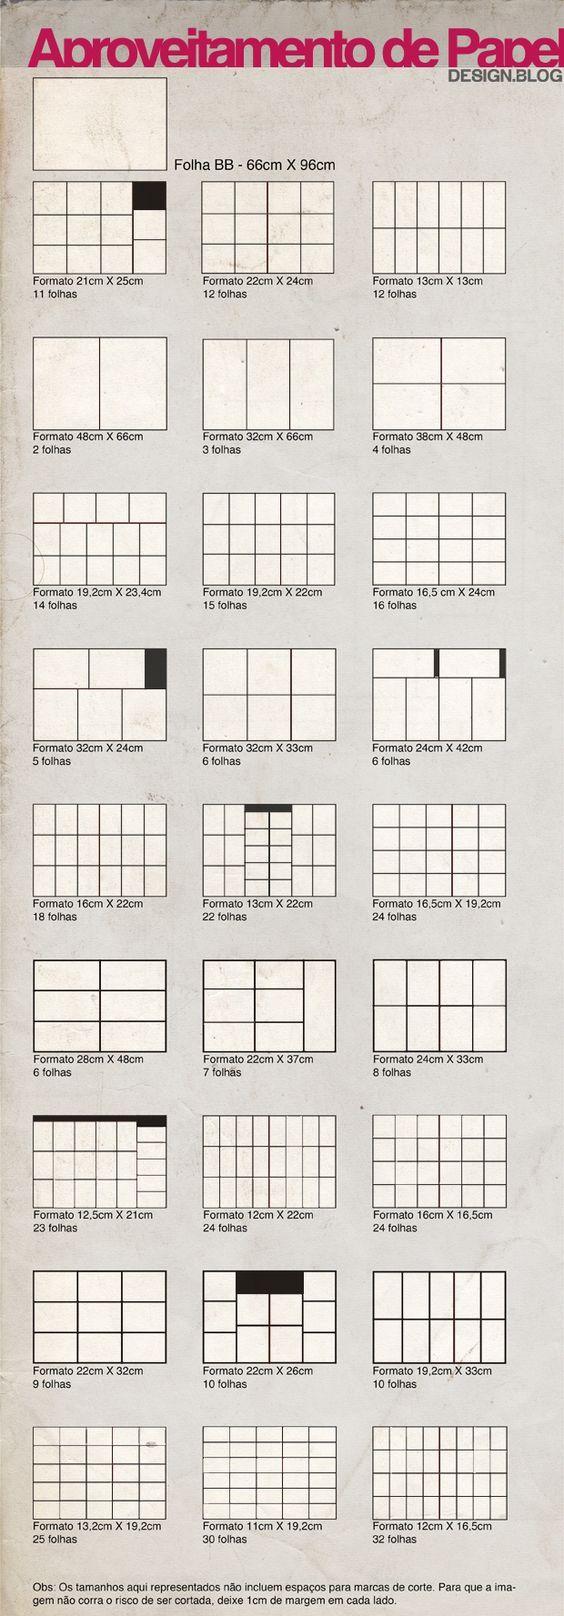 Tabela de aproveitamento de papel - Design Blog